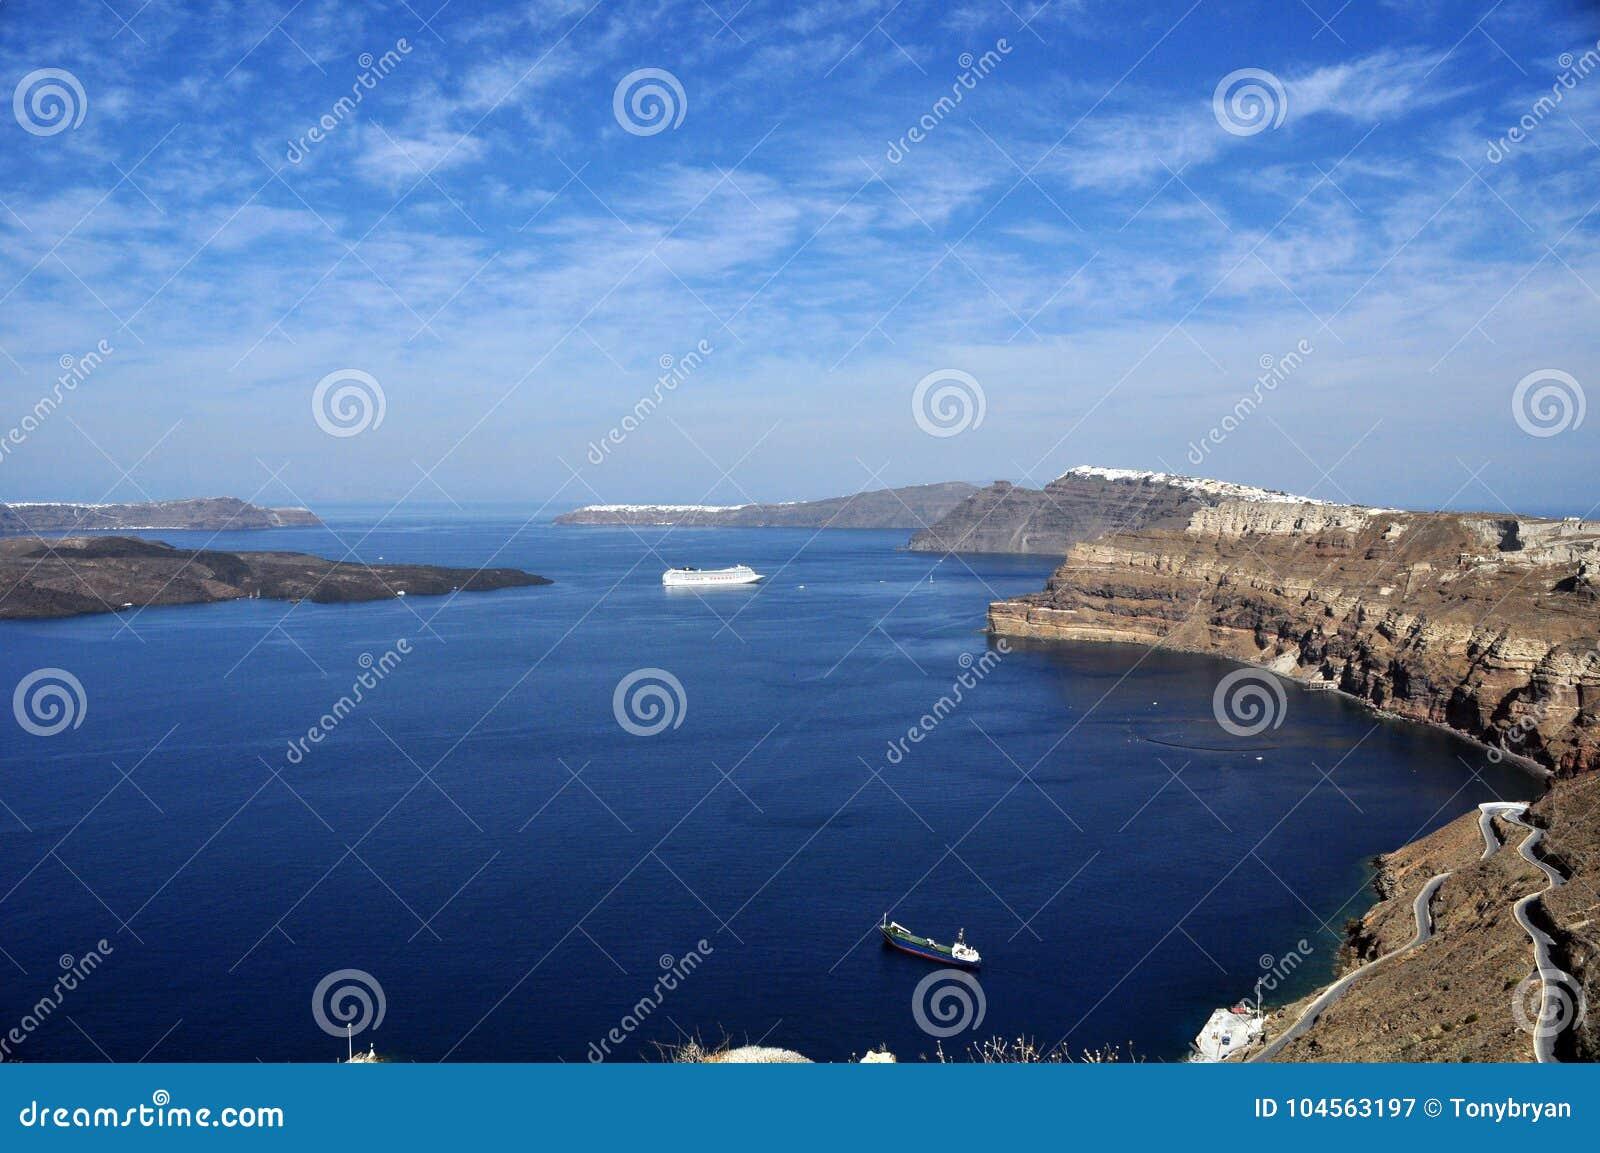 Vista de la caldera de la isla principal del archipiélago de Santorini en Grecia